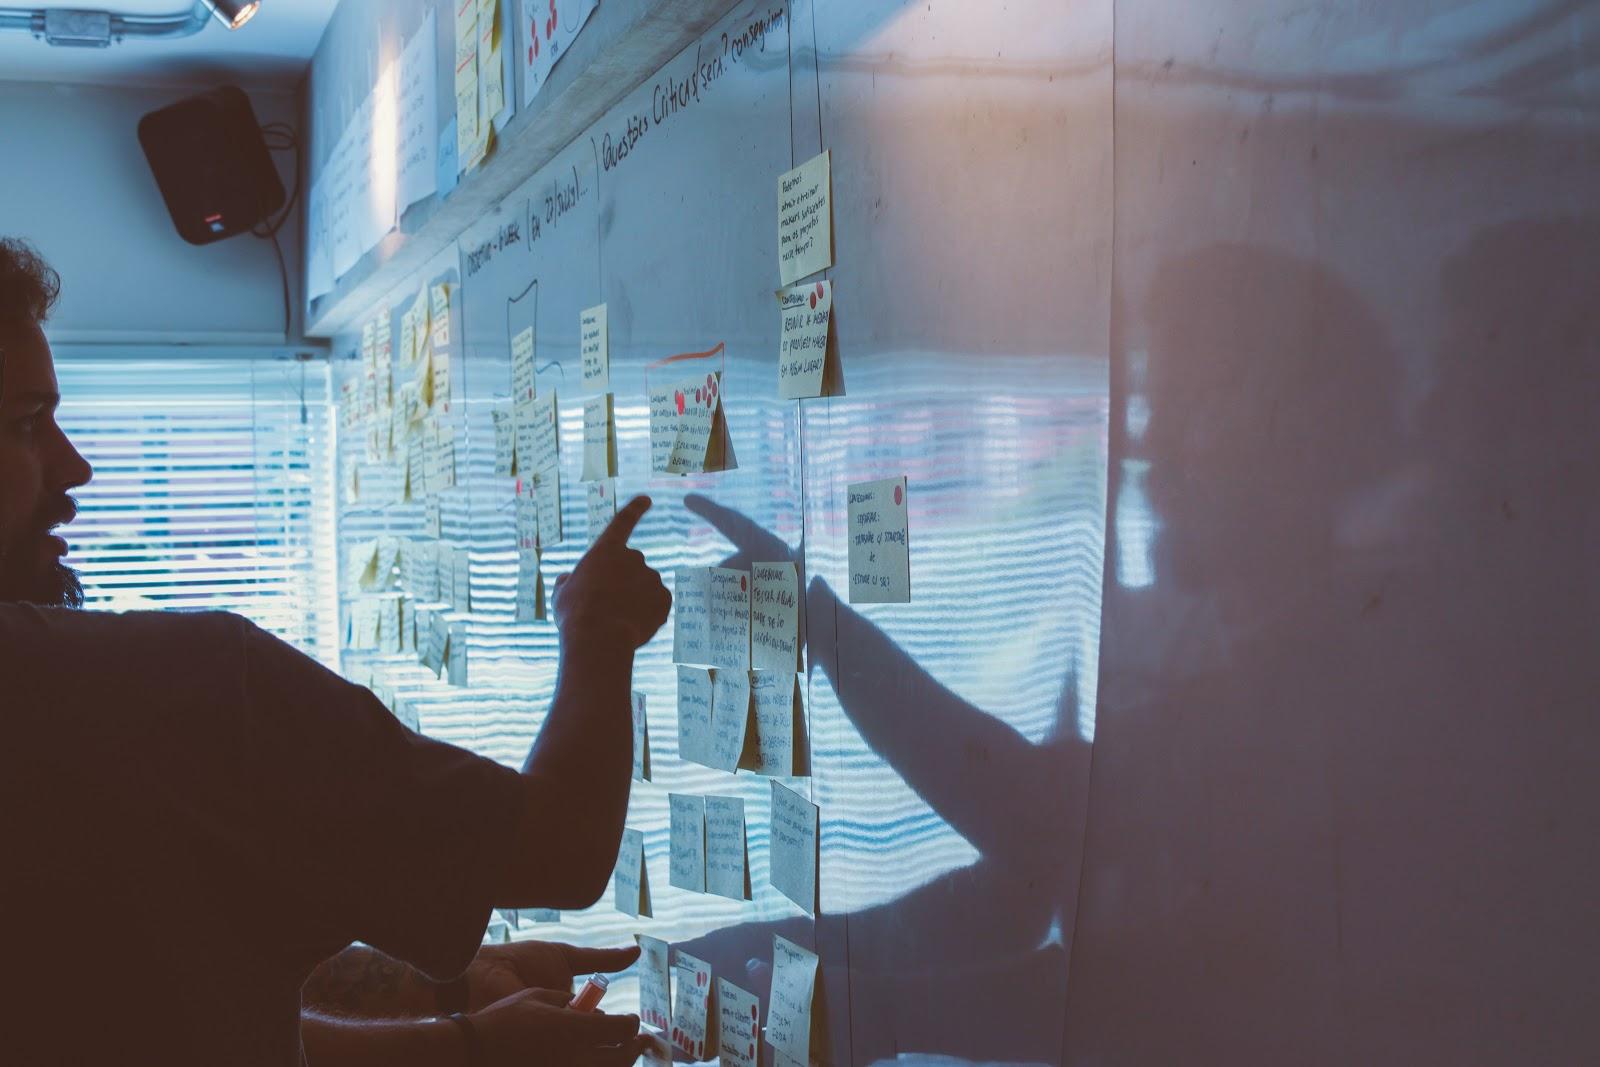 data scientist analyzing